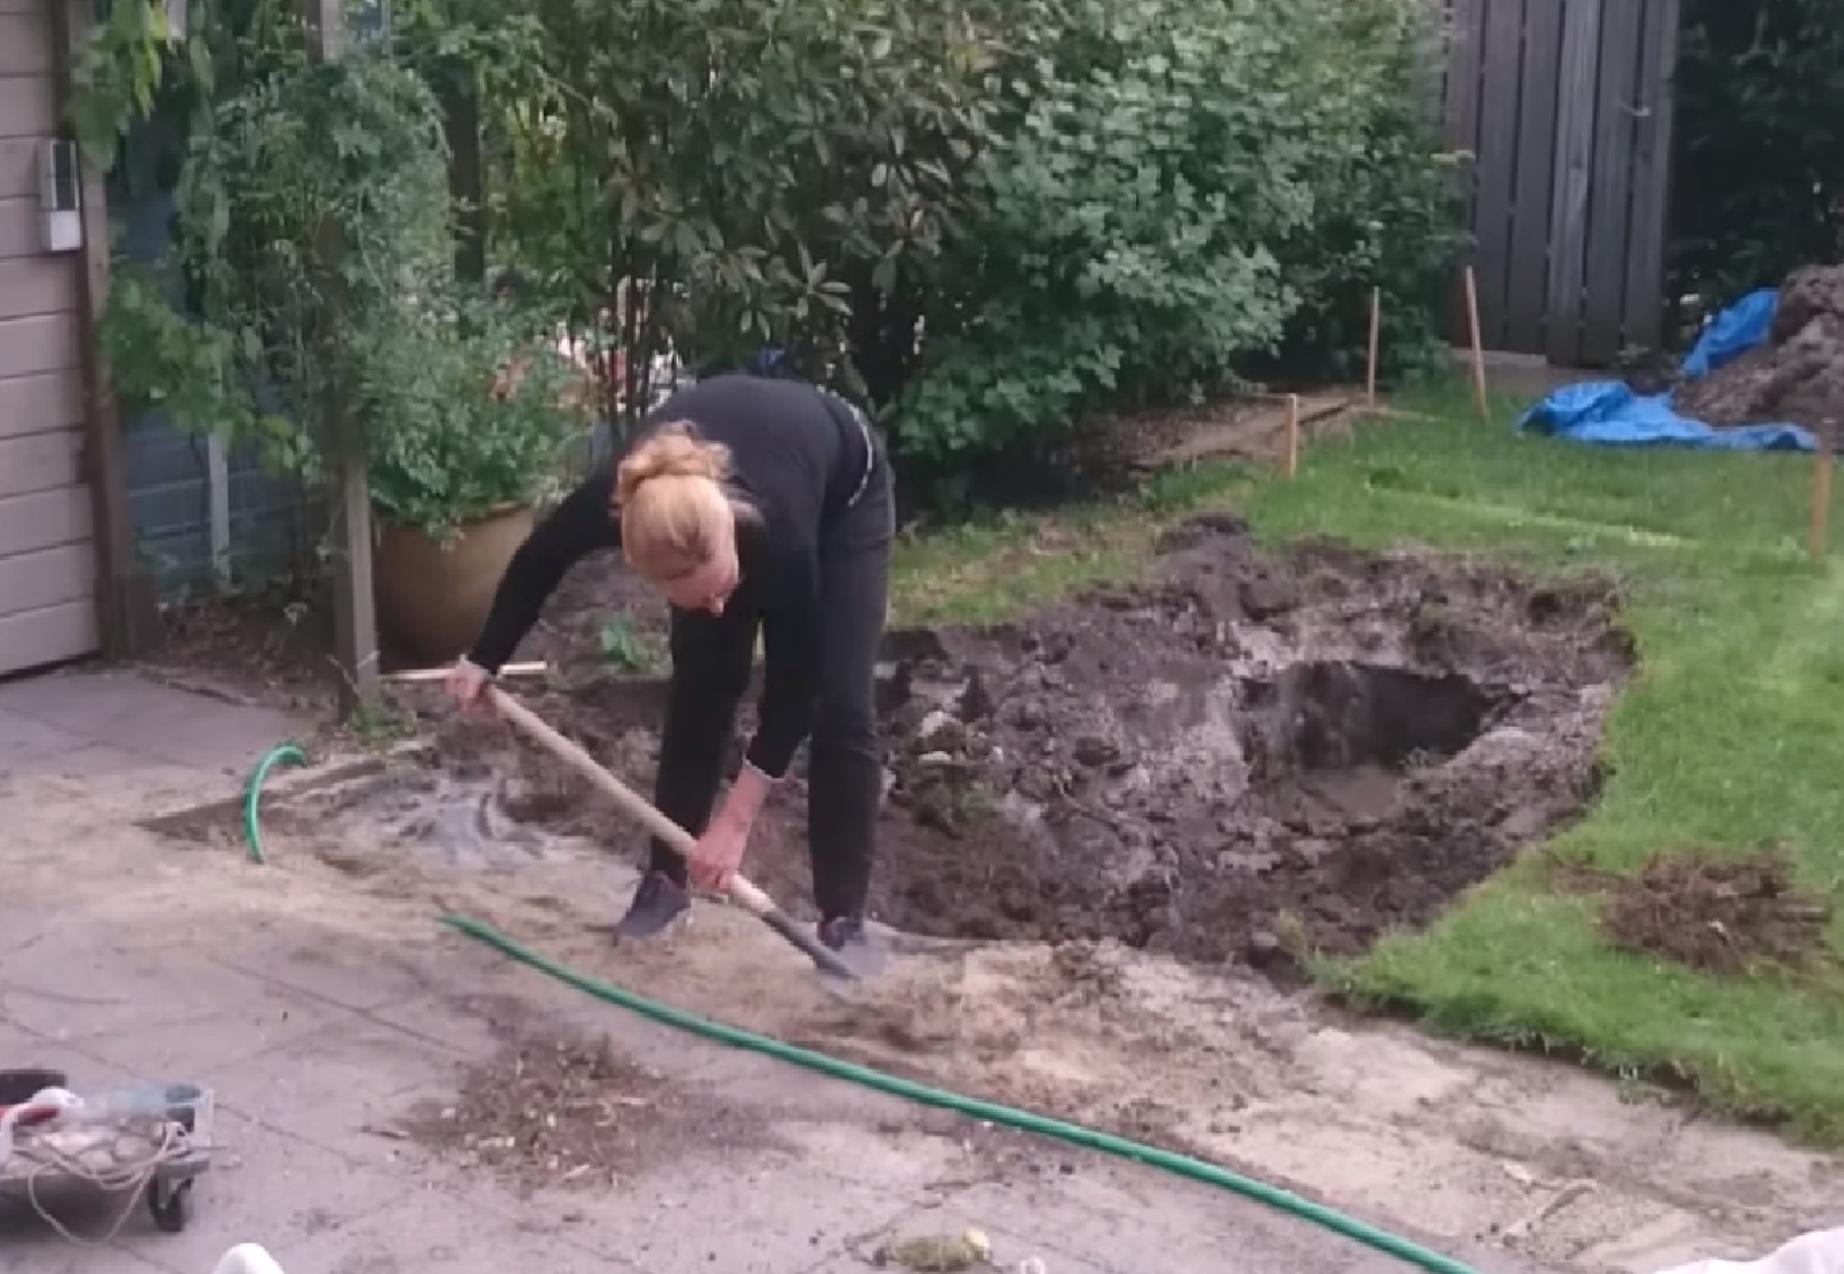 Dé oplossing tijdens de hittegolf? Nicole uit Duivendrecht bouwt haar eigen zwembad